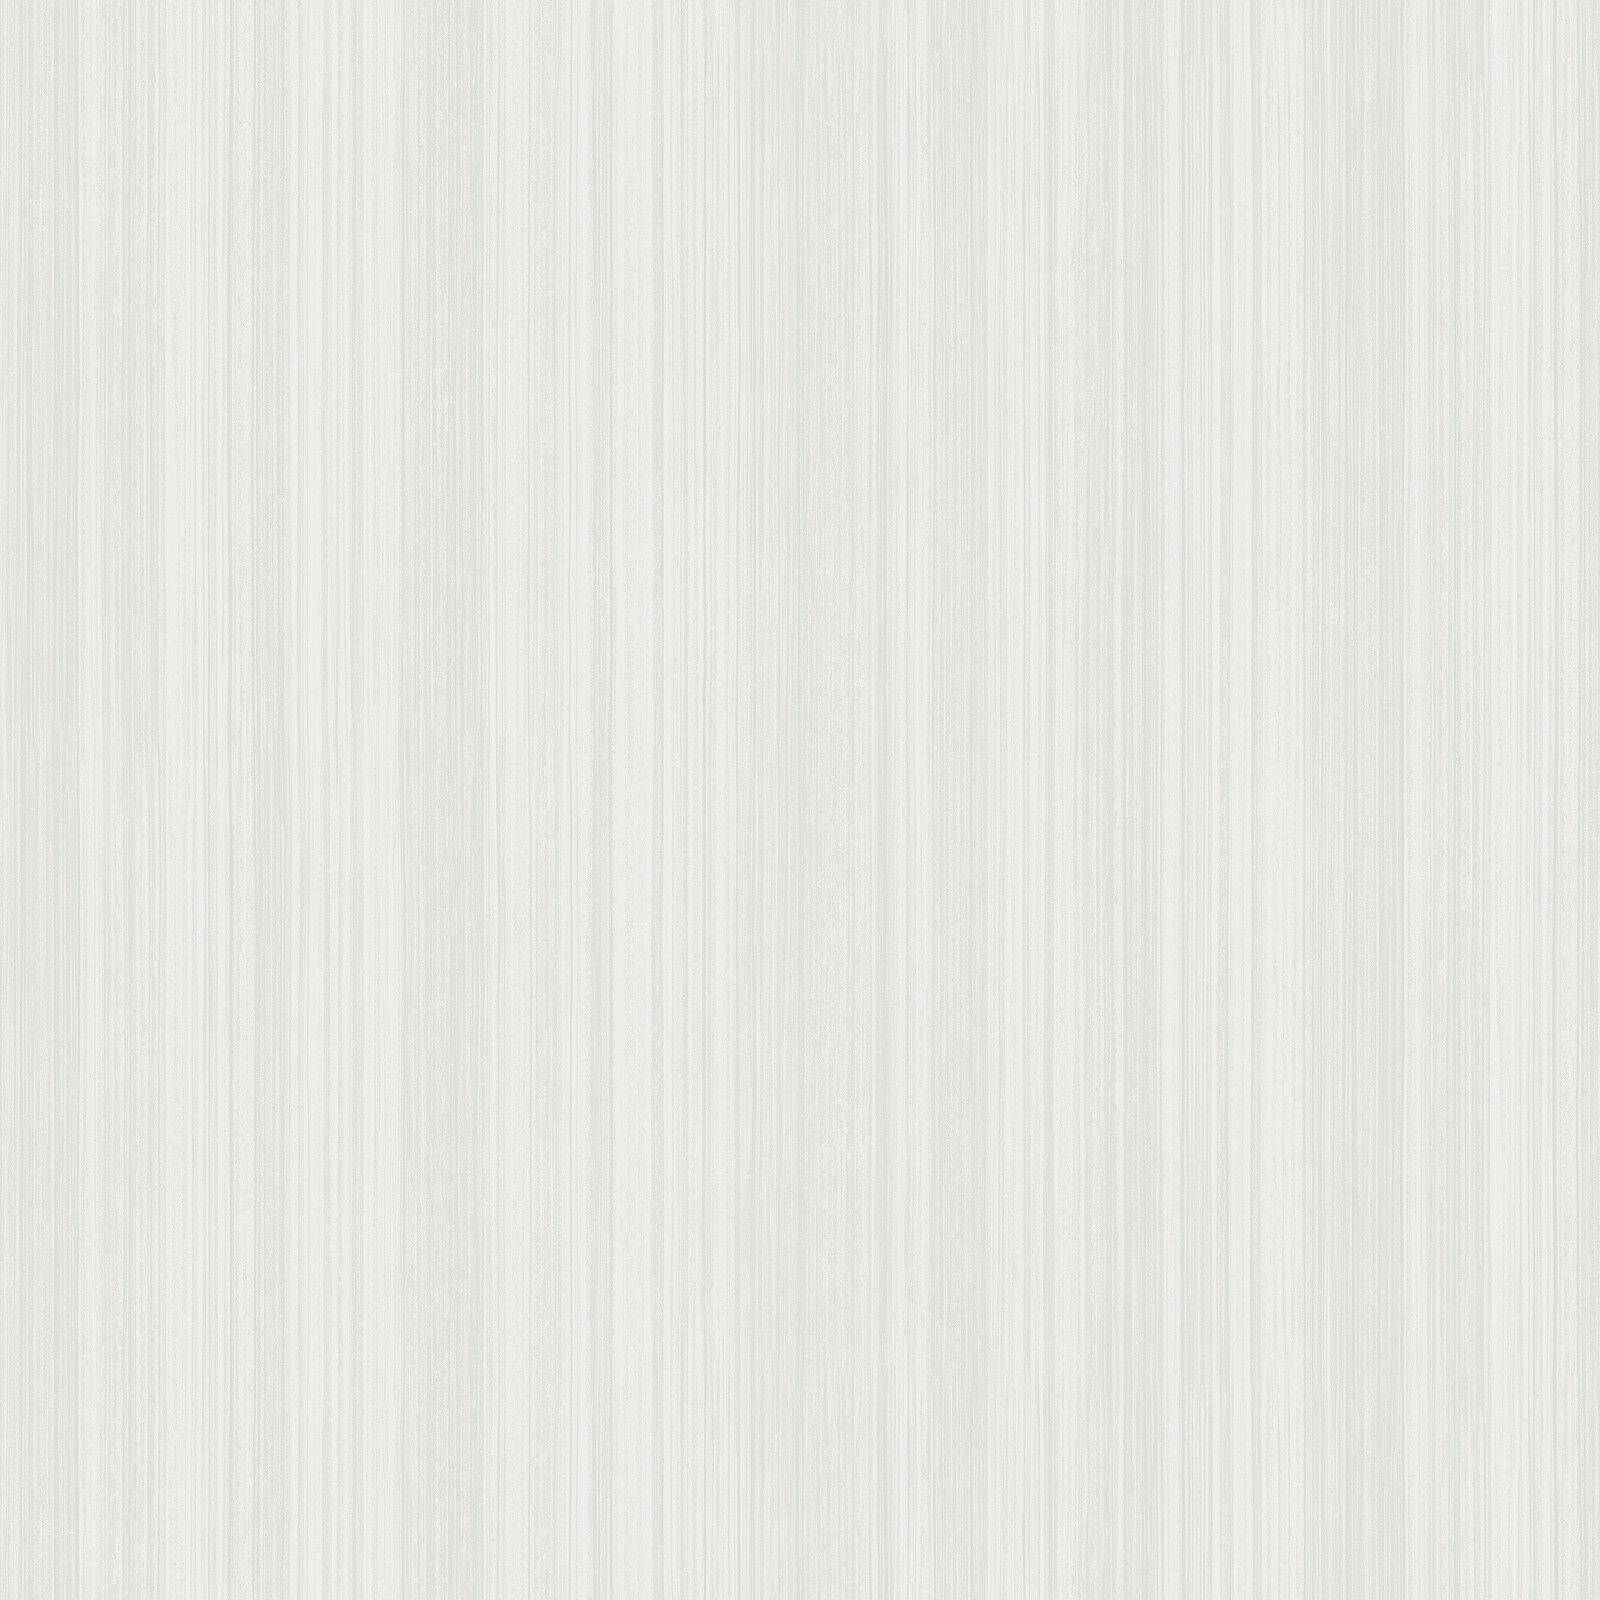 Essener Tapete G45185 Steampunk Streifen fein grauweiß Vliestapete Vlies